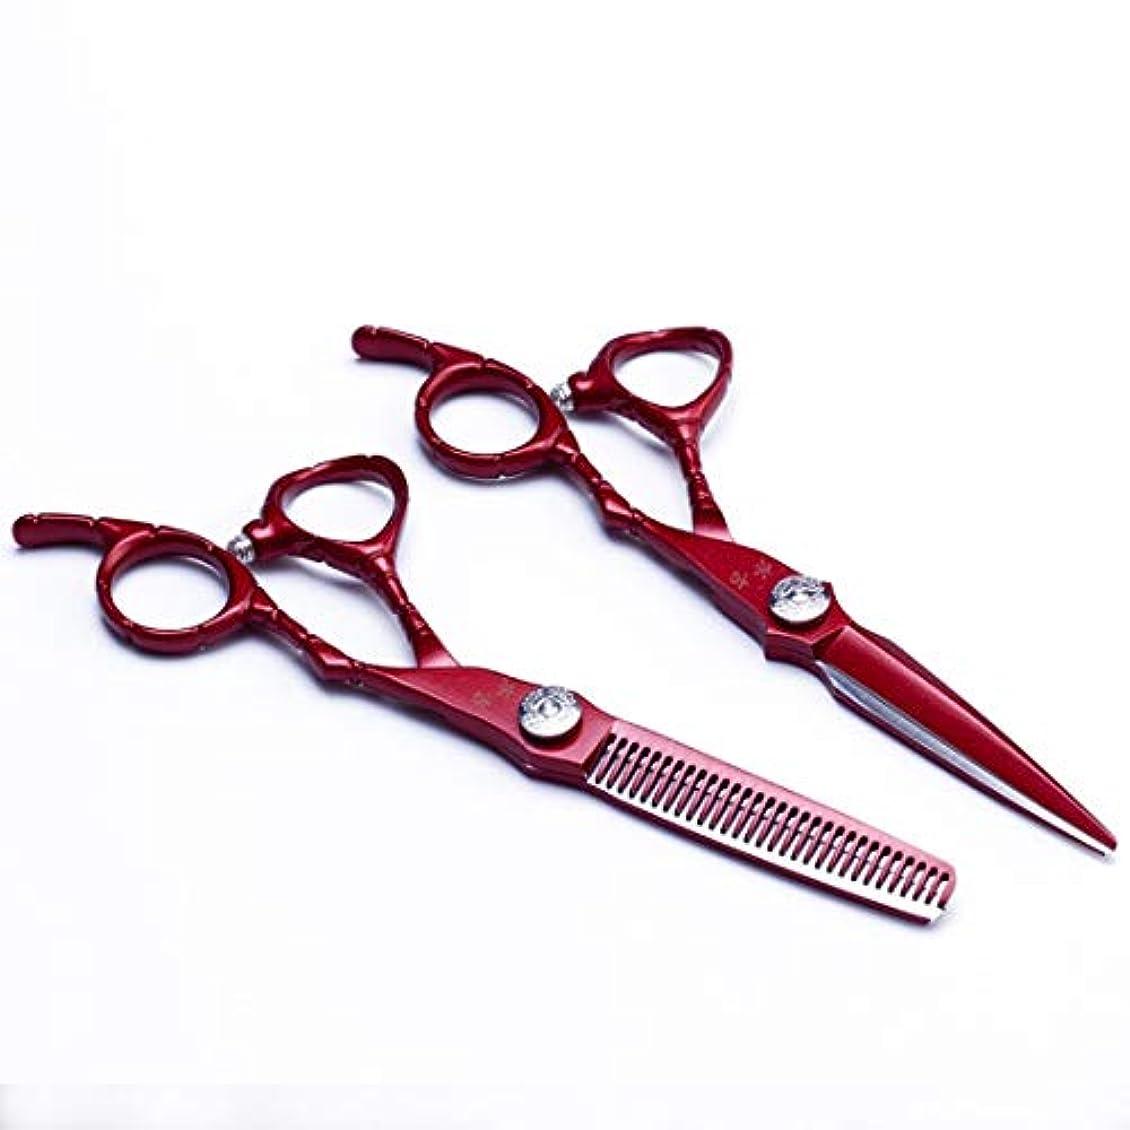 かんたんクラッチにぎやかJiaoran 理髪はさみ理髪はさみフラットせん断はさみプロの理髪師はさみセット